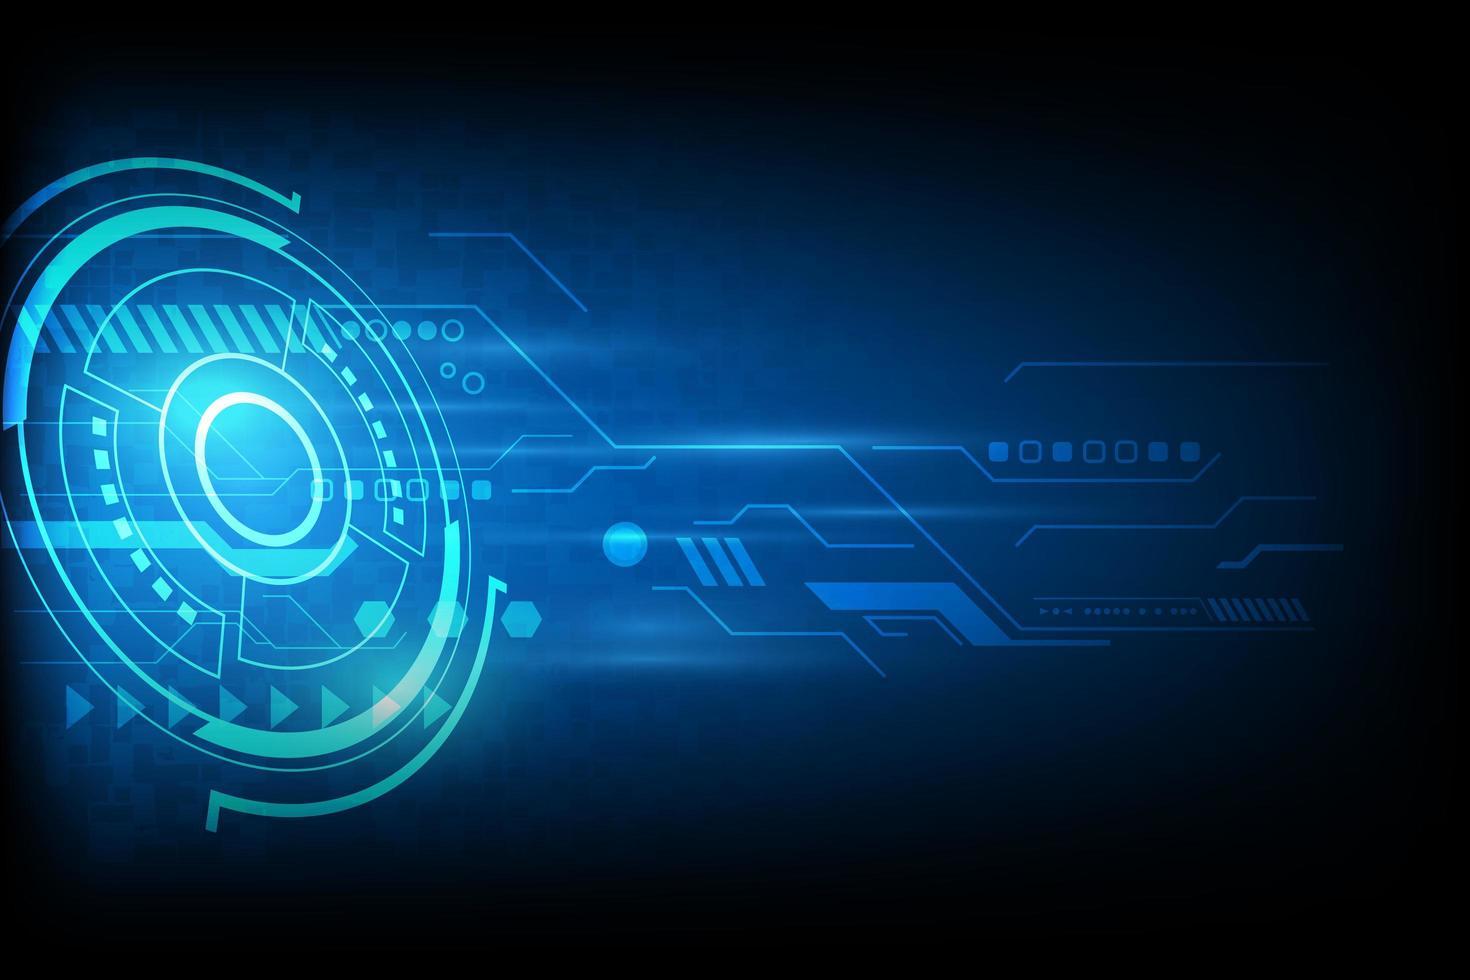 design futurista de tecnologia de automação azul vetor